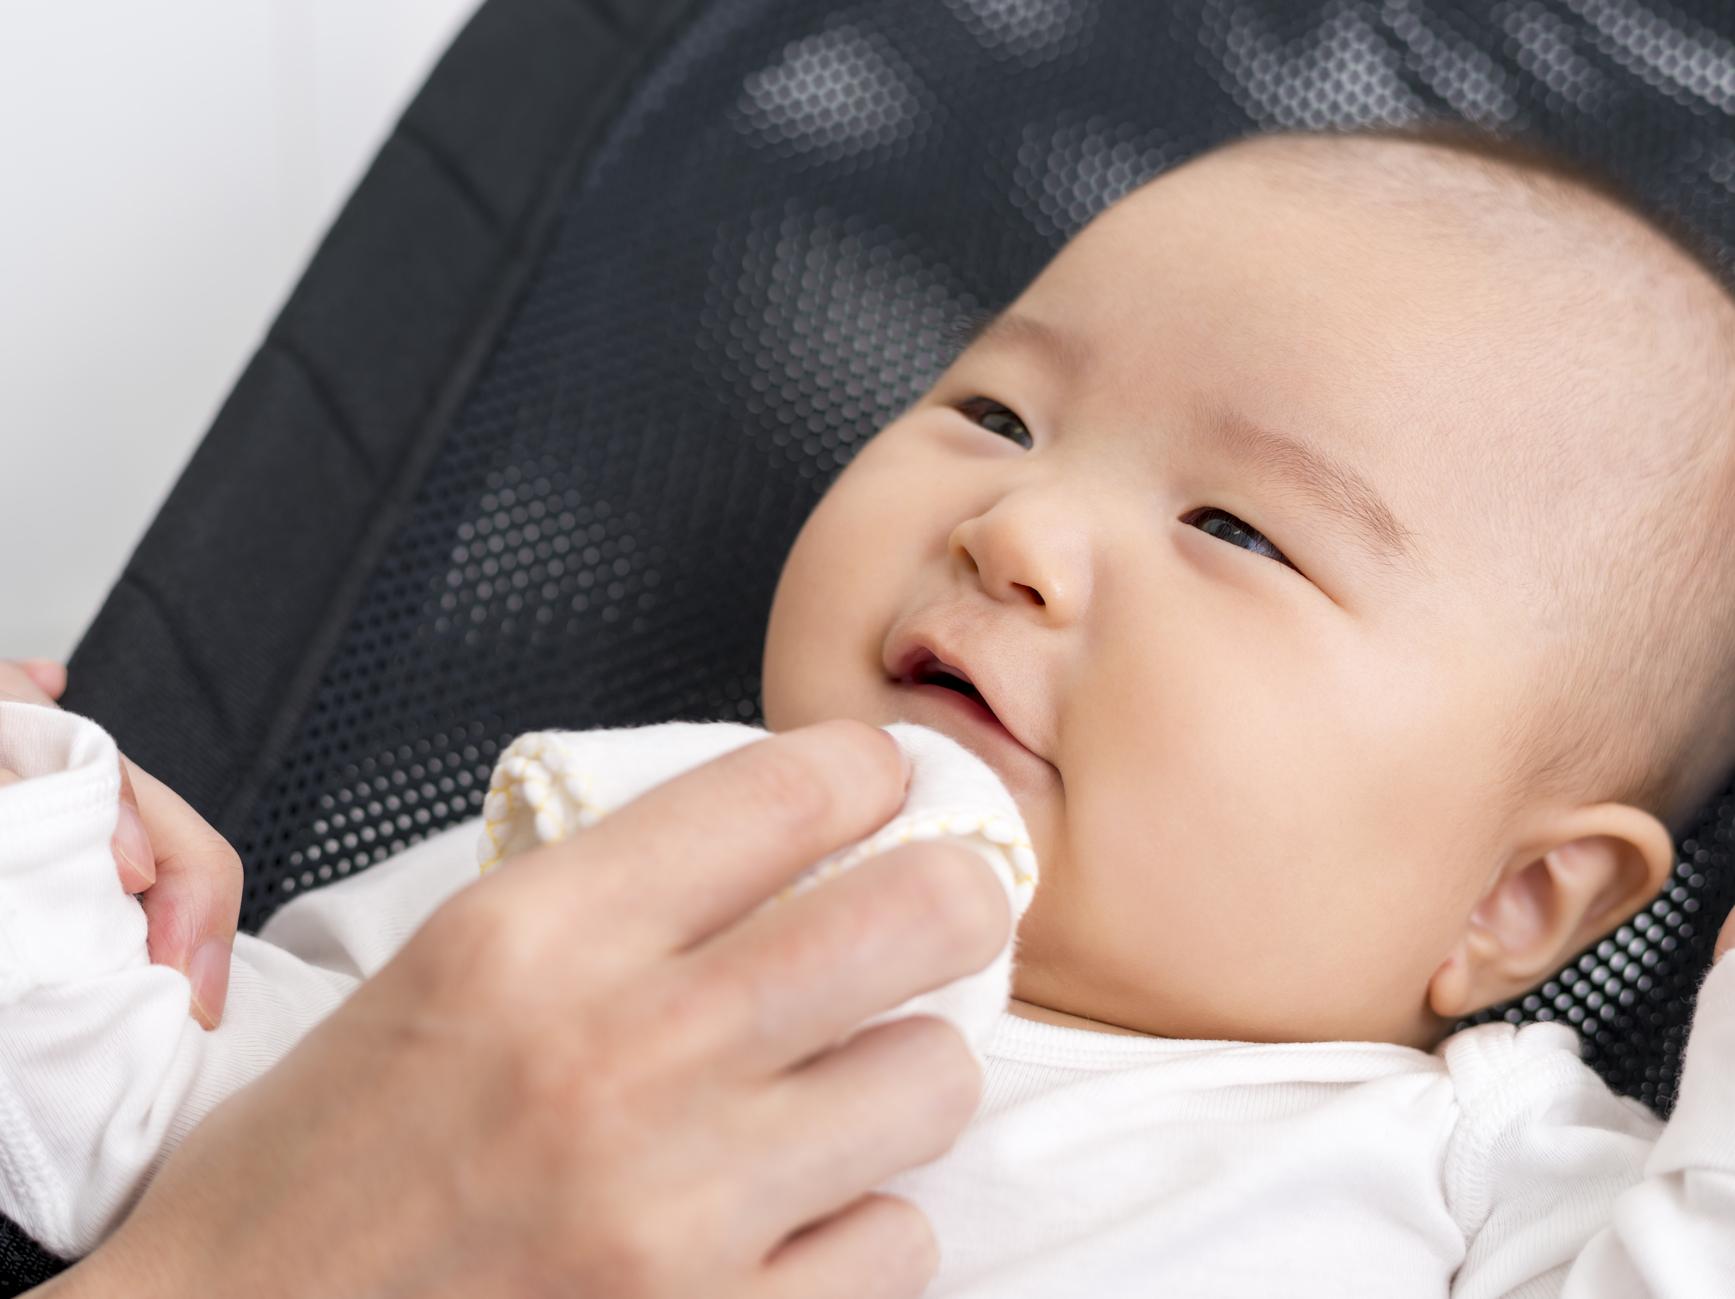 赤ちゃんの咳